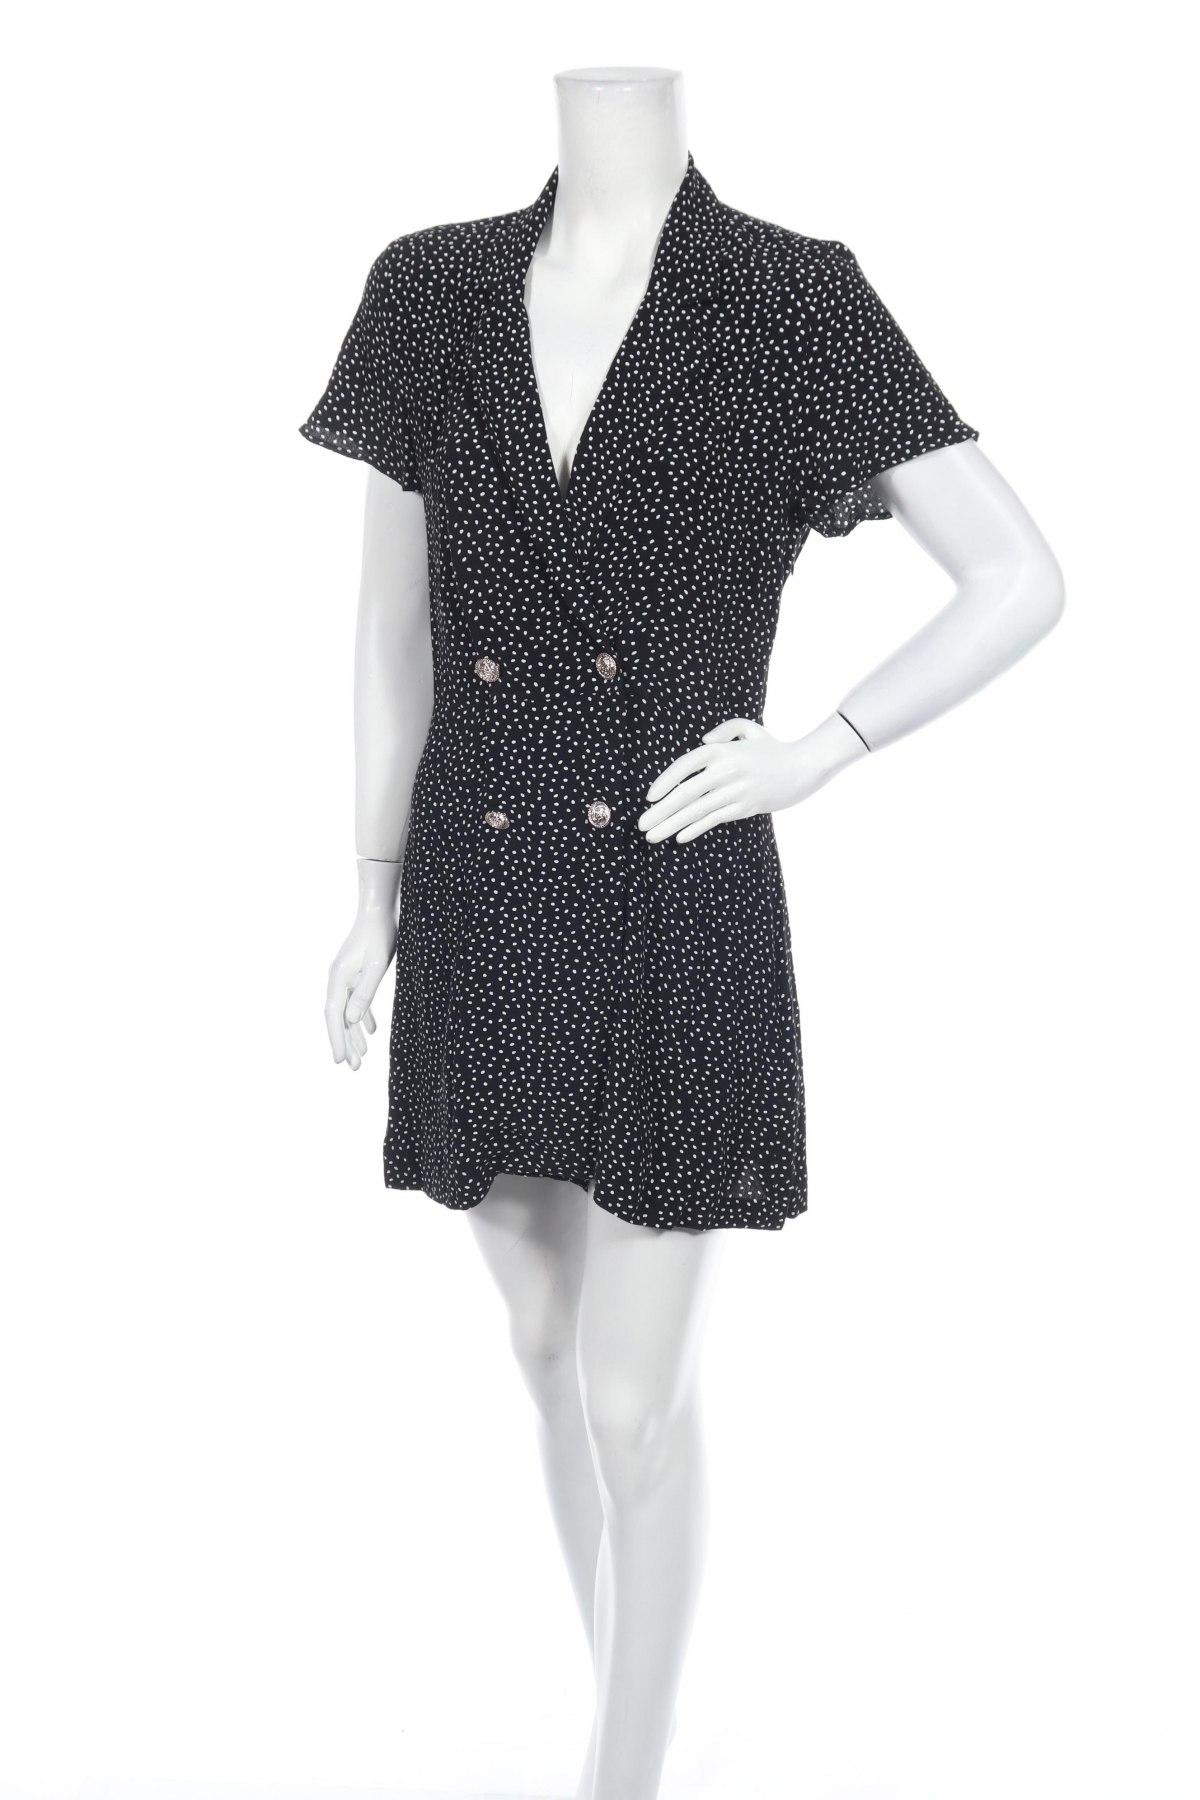 Γυναικεία σαλοπέτα Zara, Μέγεθος S, Χρώμα Μαύρο, Βισκόζη, Τιμή 16,94€